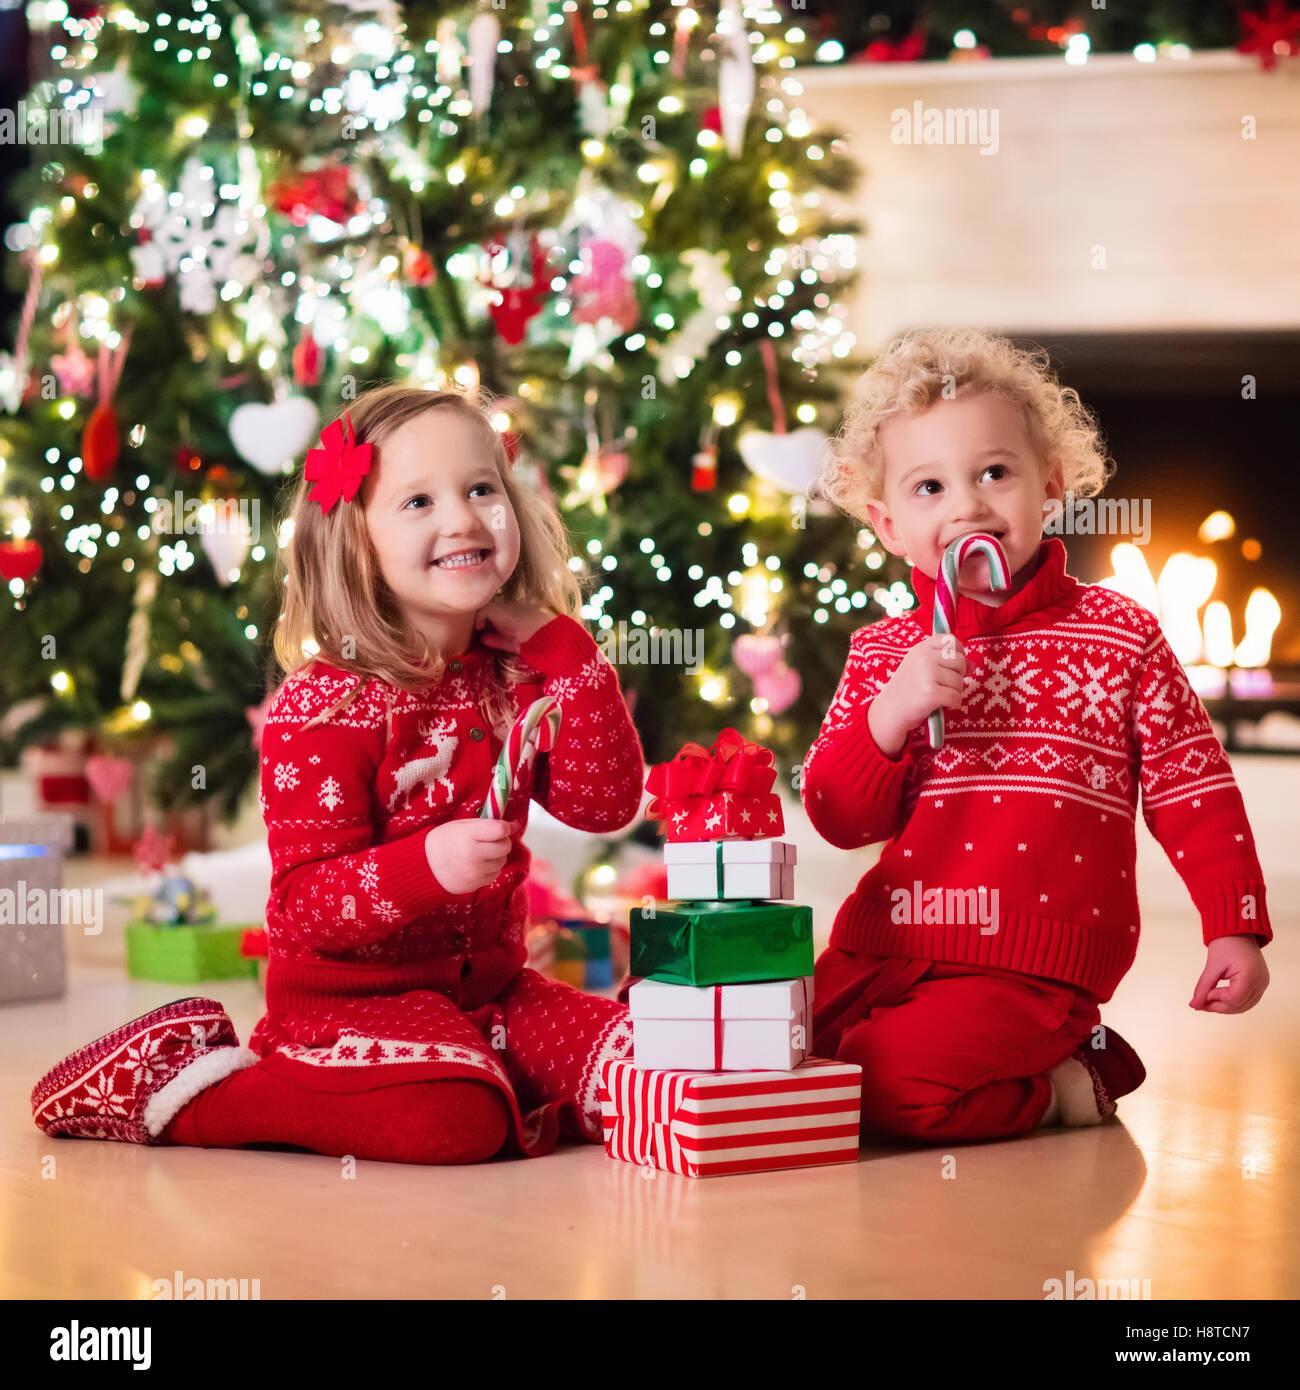 Geschenkideen Familie Weihnachten.Familie Am Heiligen Abend Am Kamin Kinder Weihnachten Geschenke Zu